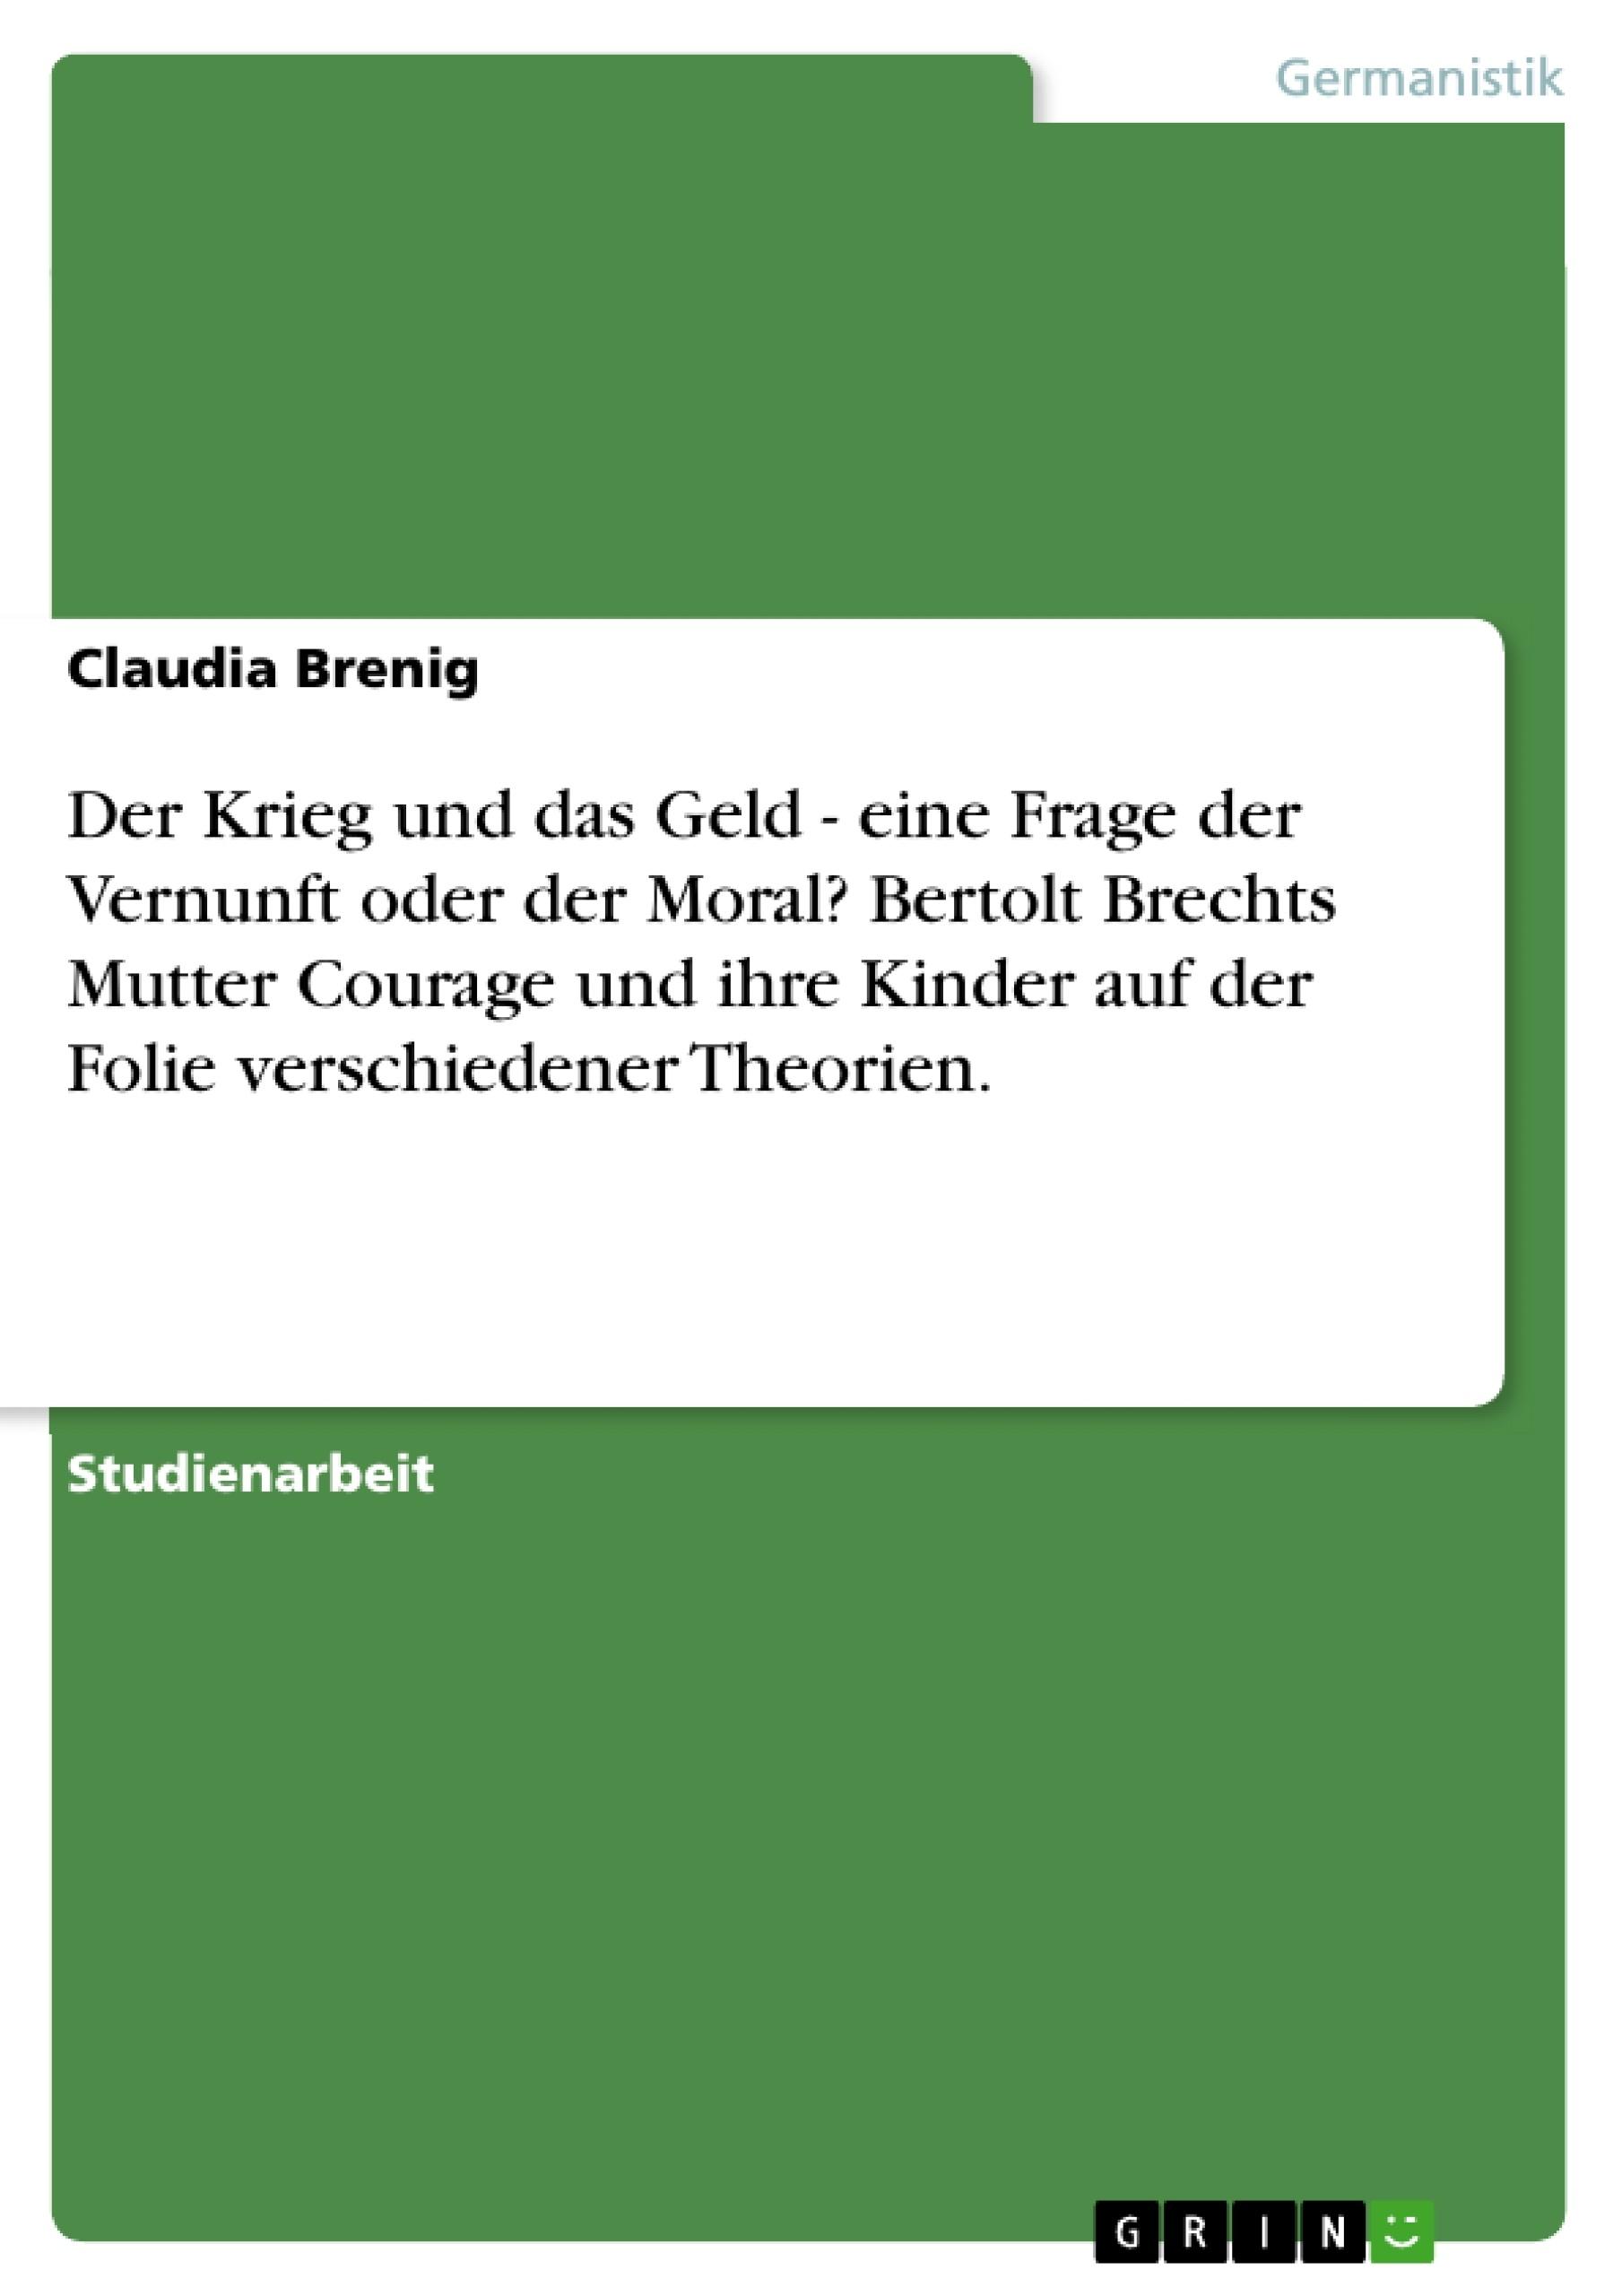 Titel: Der Krieg und das Geld - eine Frage der Vernunft oder der Moral? Bertolt Brechts Mutter Courage und ihre Kinder auf der Folie verschiedener Theorien.